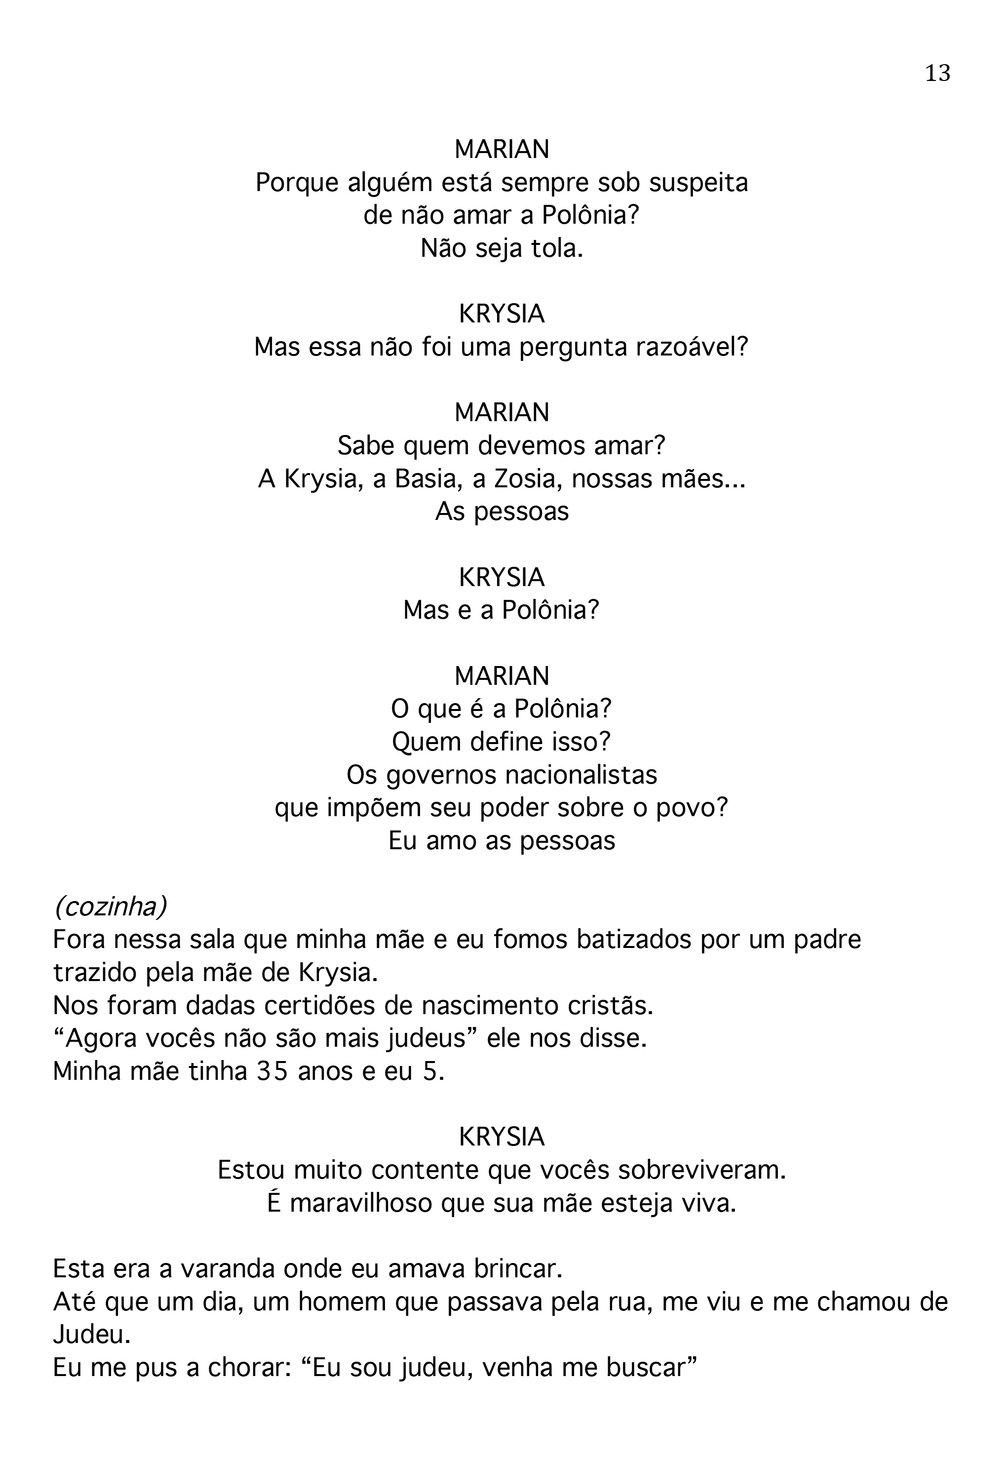 PORTUGUESE-SCRIPT-13.jpg